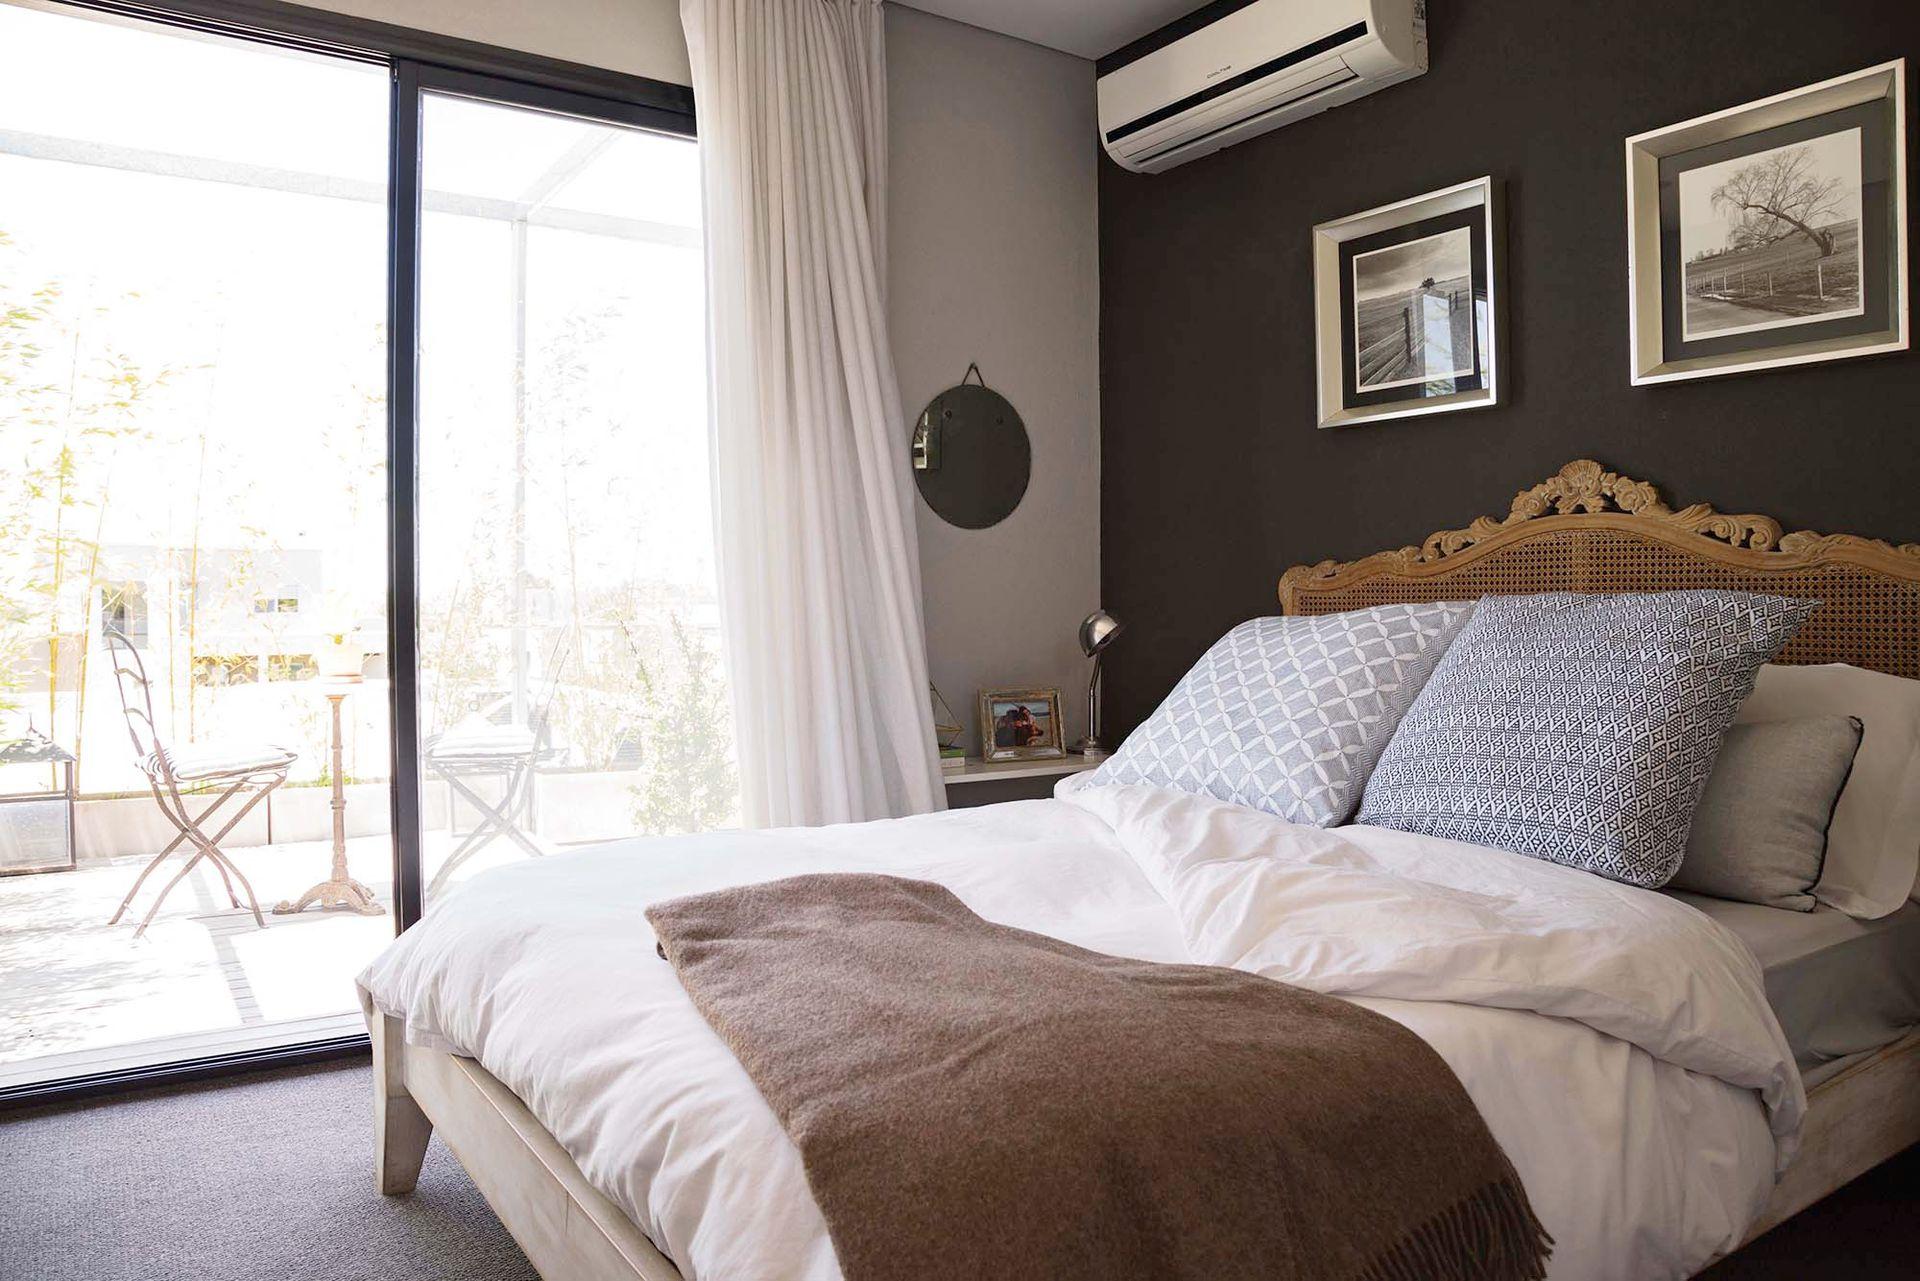 Sobre la cama, manta de lana traída de Lima y almohadones con fundas francesas pintadas a mano.